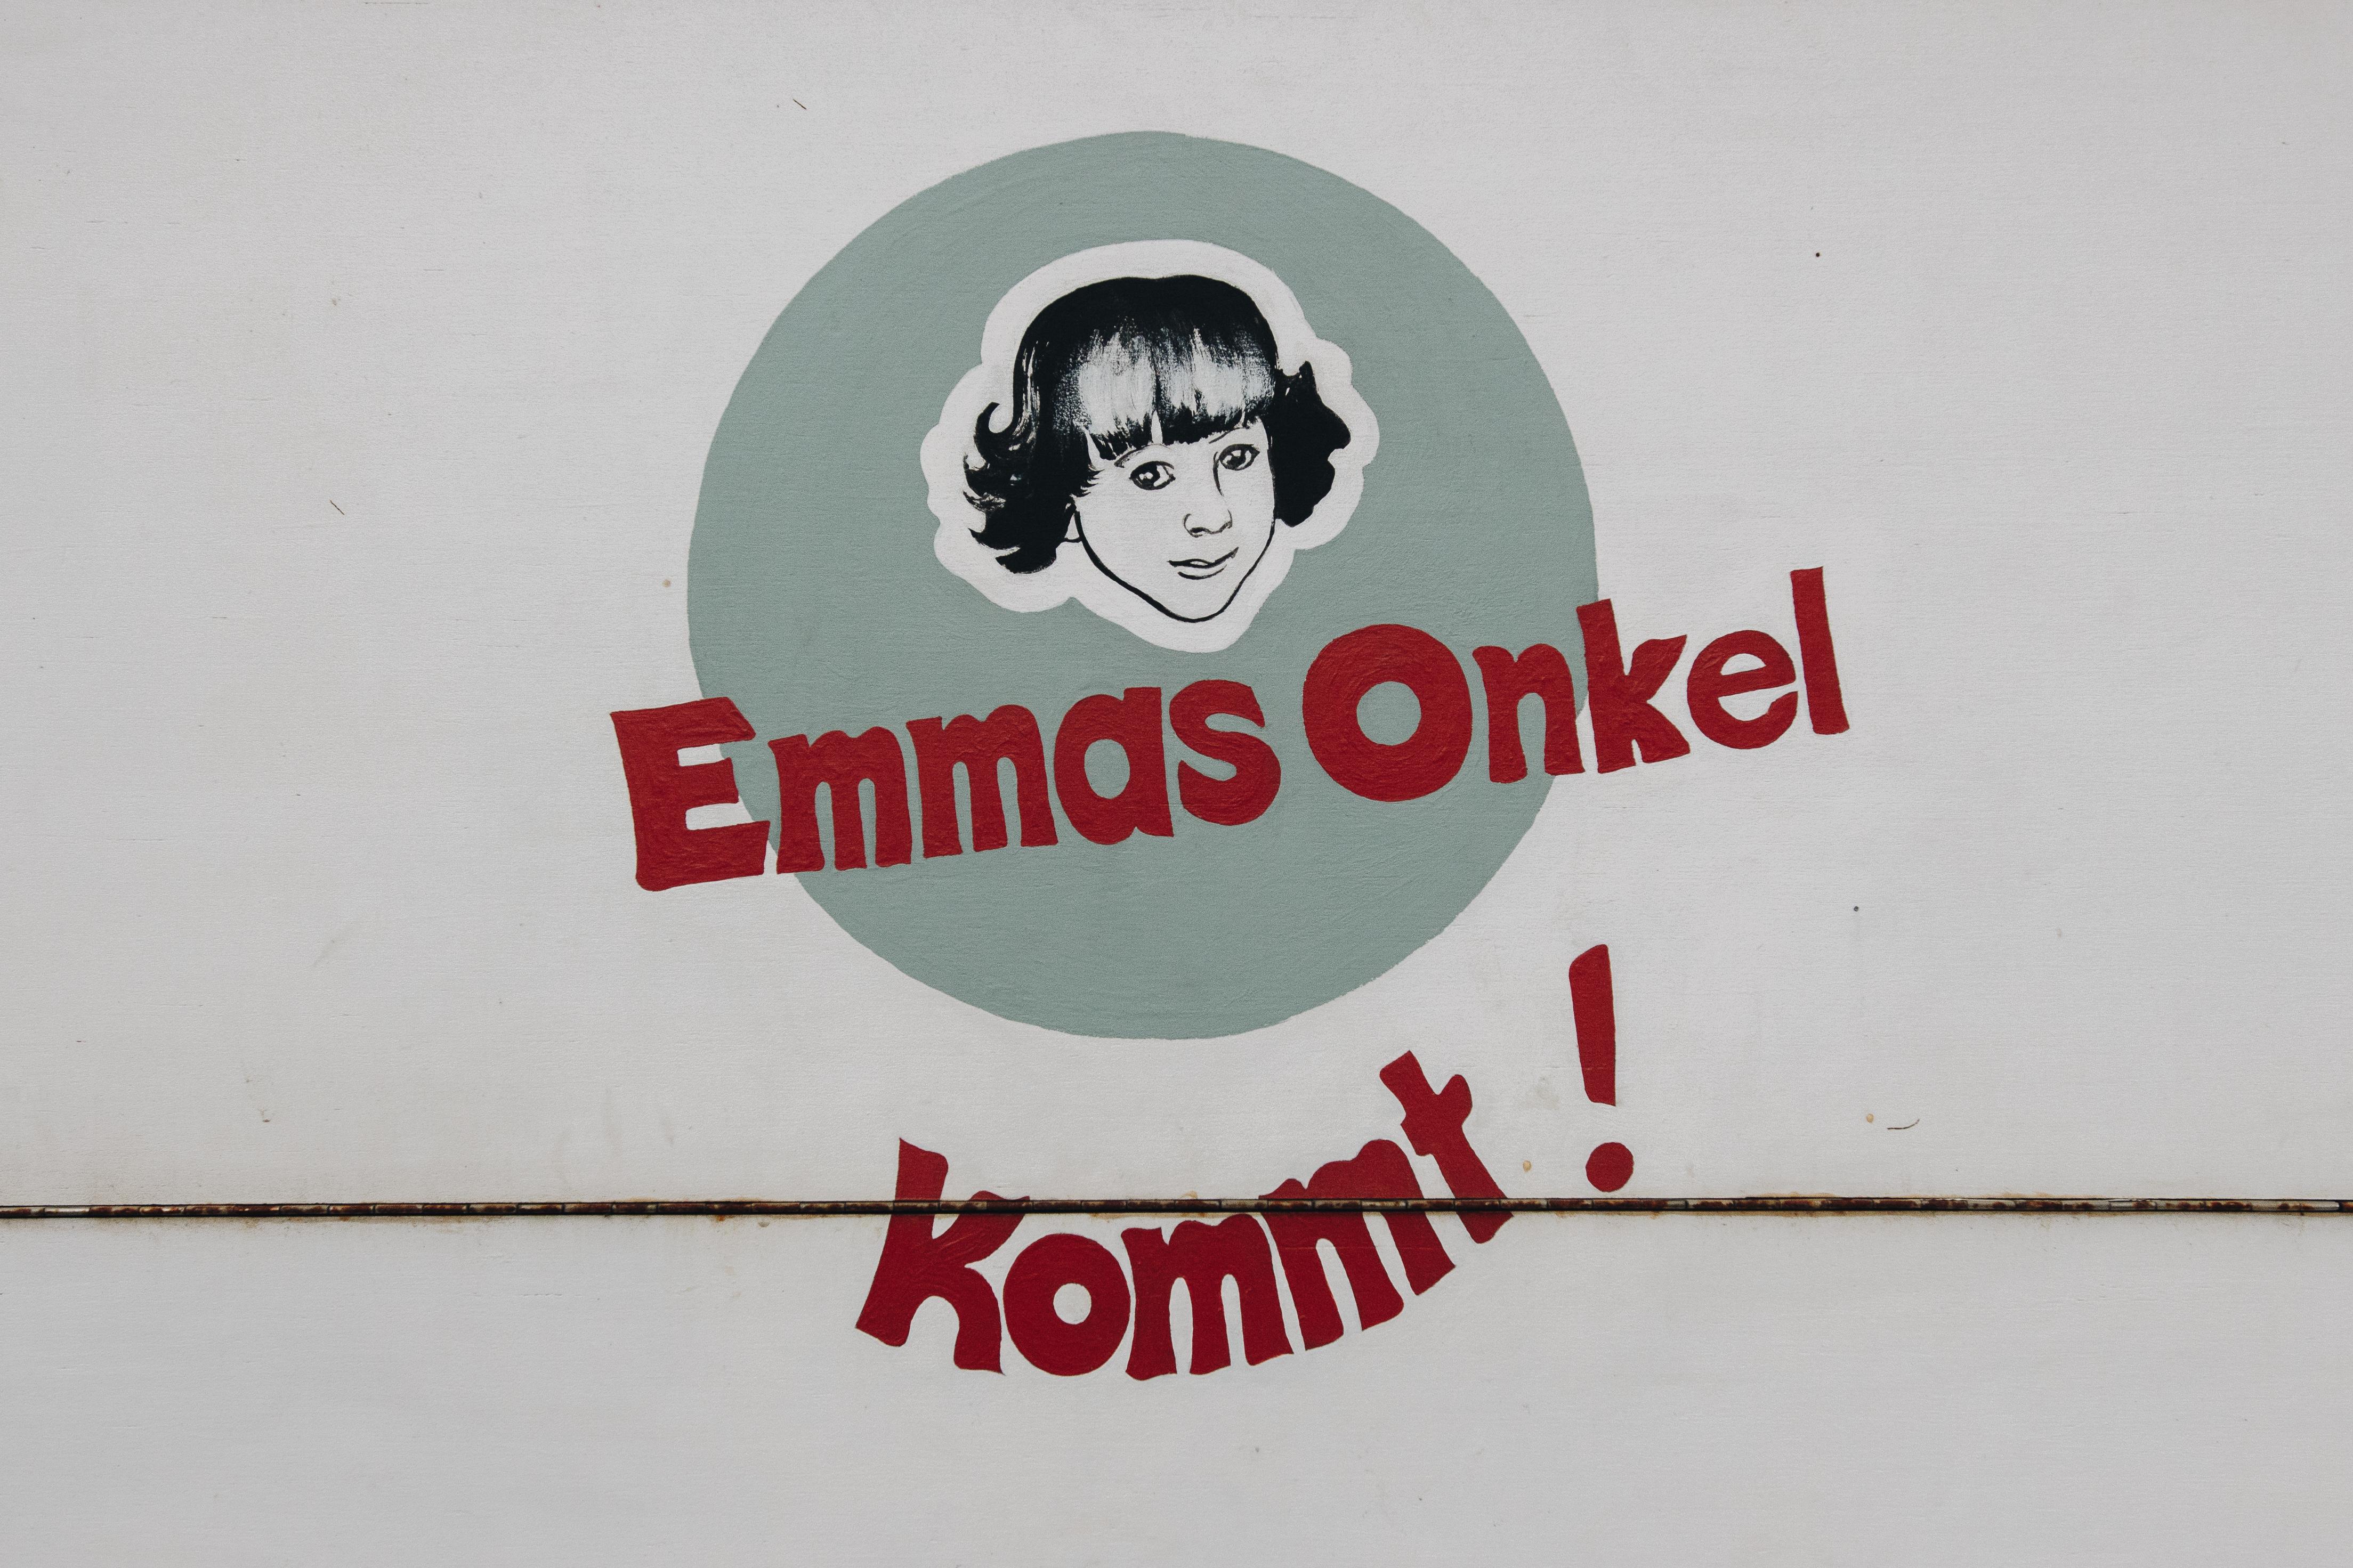 emmas onkel-chemnitz-café-kuchen-annabelle sagt25